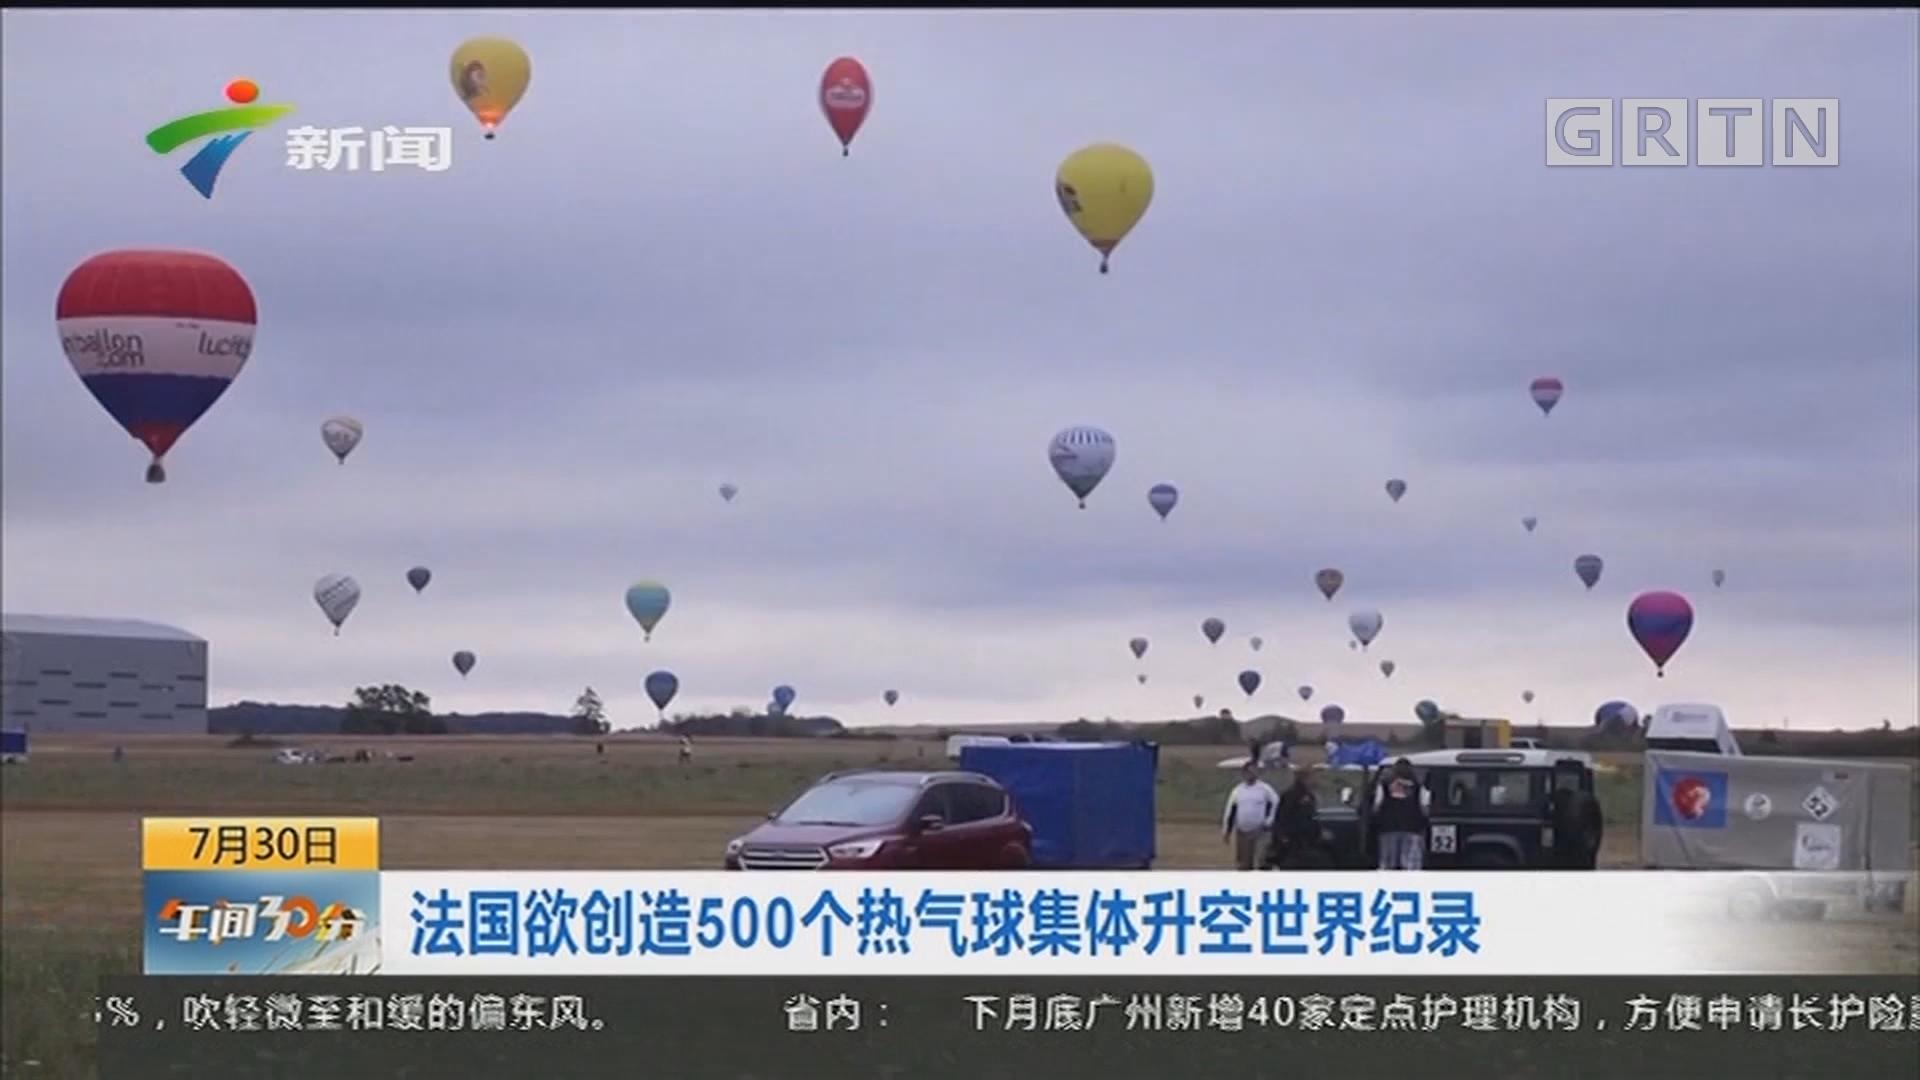 法国欲创造500个热气球集体升空世界纪录